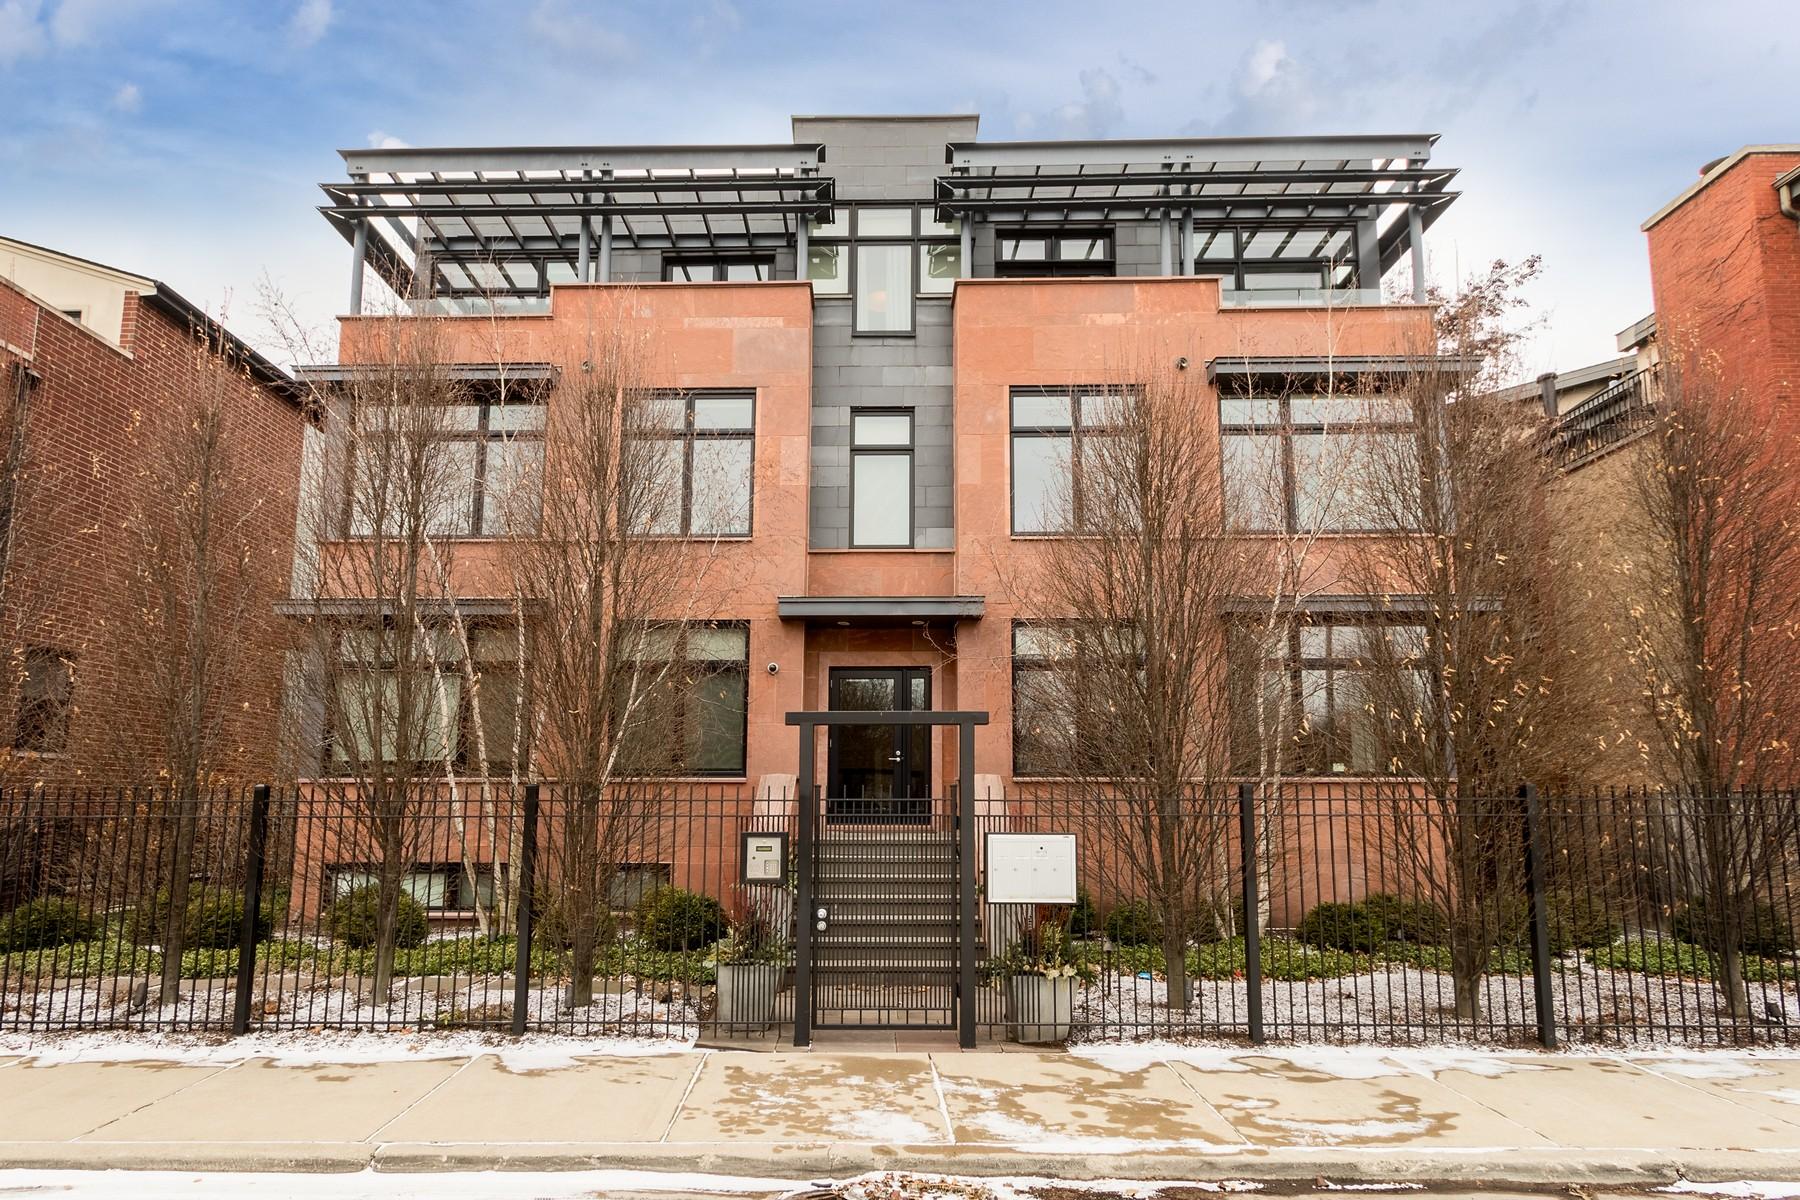 Nhà ở nhiều gia đình vì Bán tại The Pinnacle of Lincoln Park Living 2636 N Lakewood Avenue, Lincoln Park, Chicago, Illinois, 60614 Hoa Kỳ